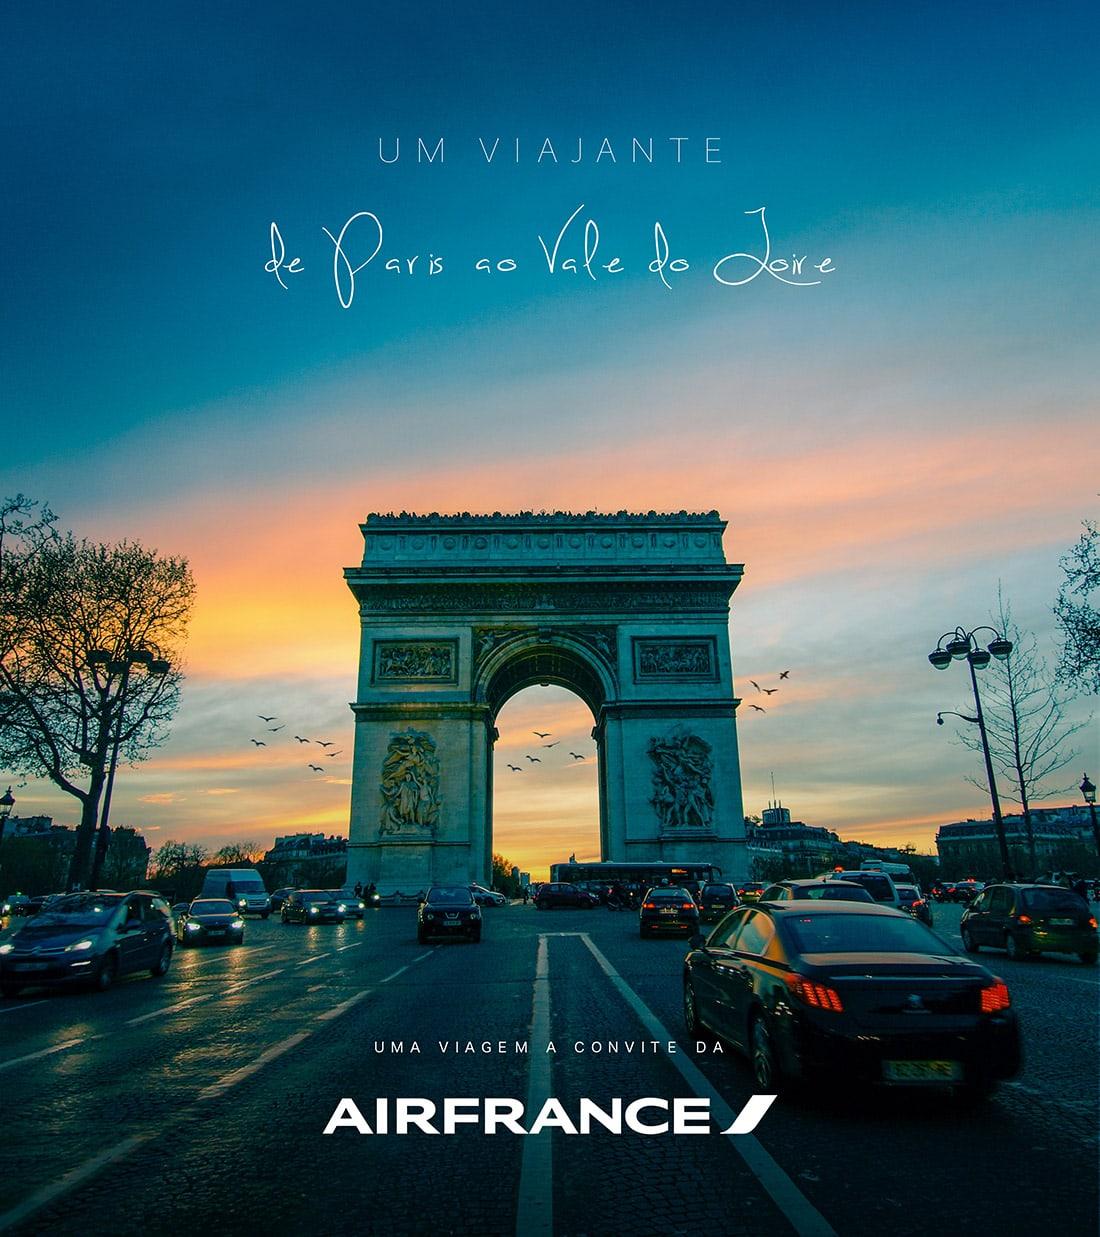 Um Viajante - AirFrance